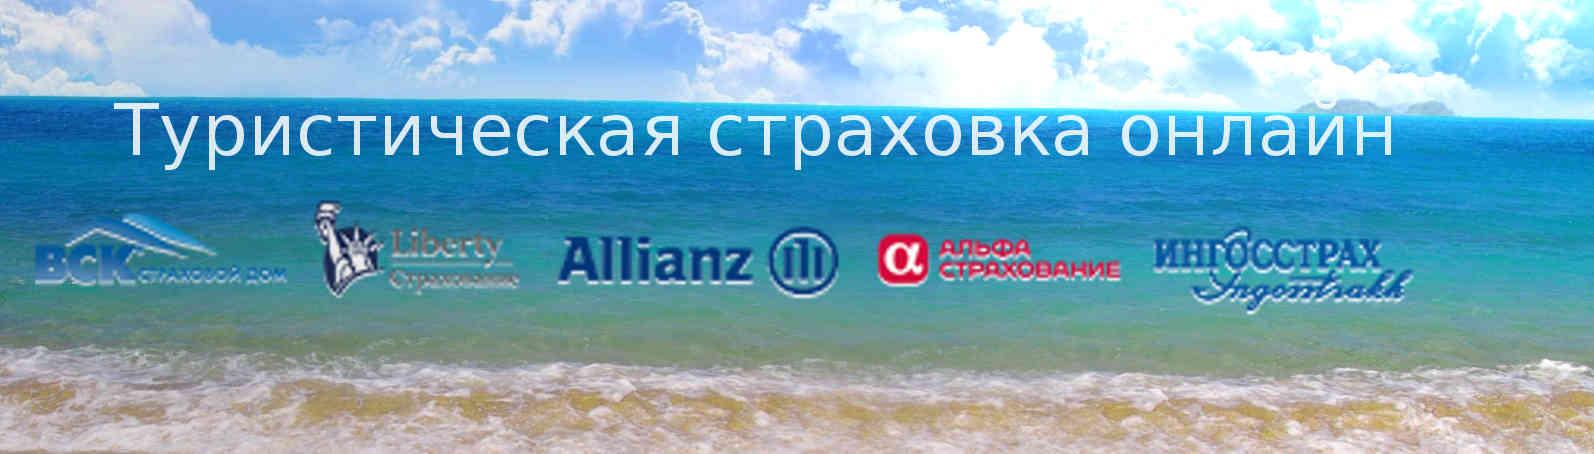 Туристическая страховка онлайн, купить туристическую страховку, страховой полис онлайн